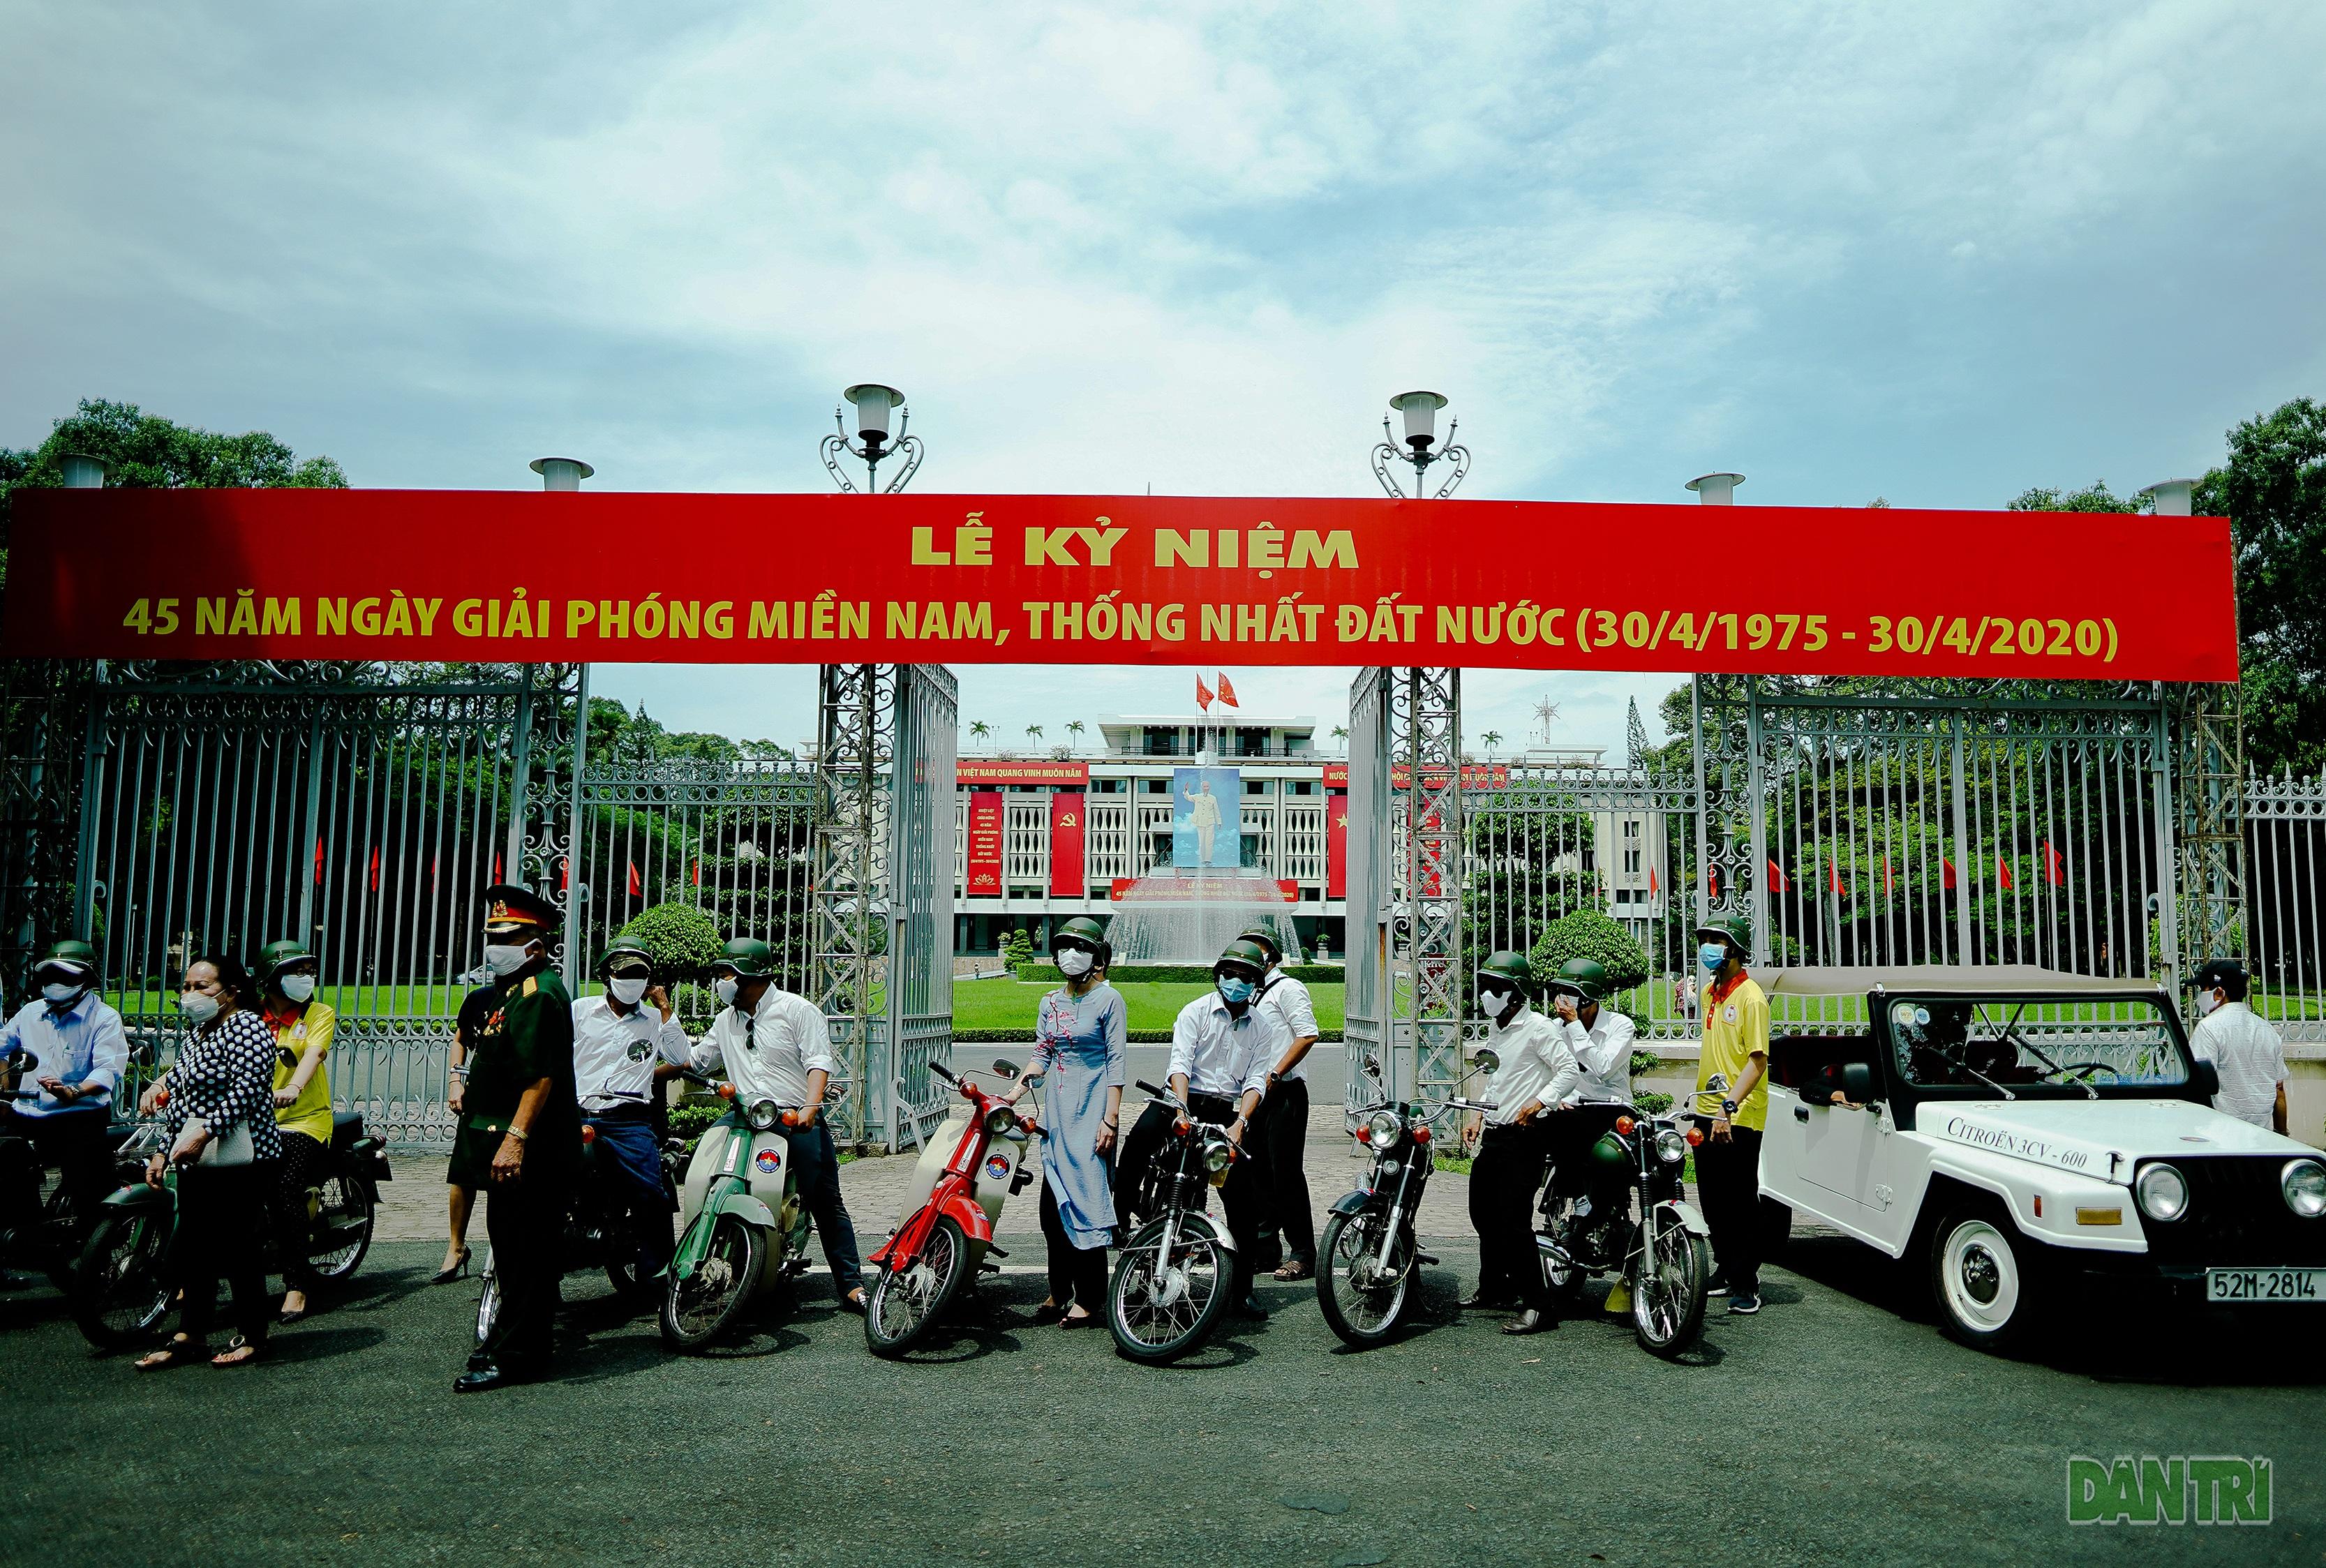 TPHCMkhởiđộng du lịch bằng tourTheo dấu chân Biệt động Sài Gòn - 11